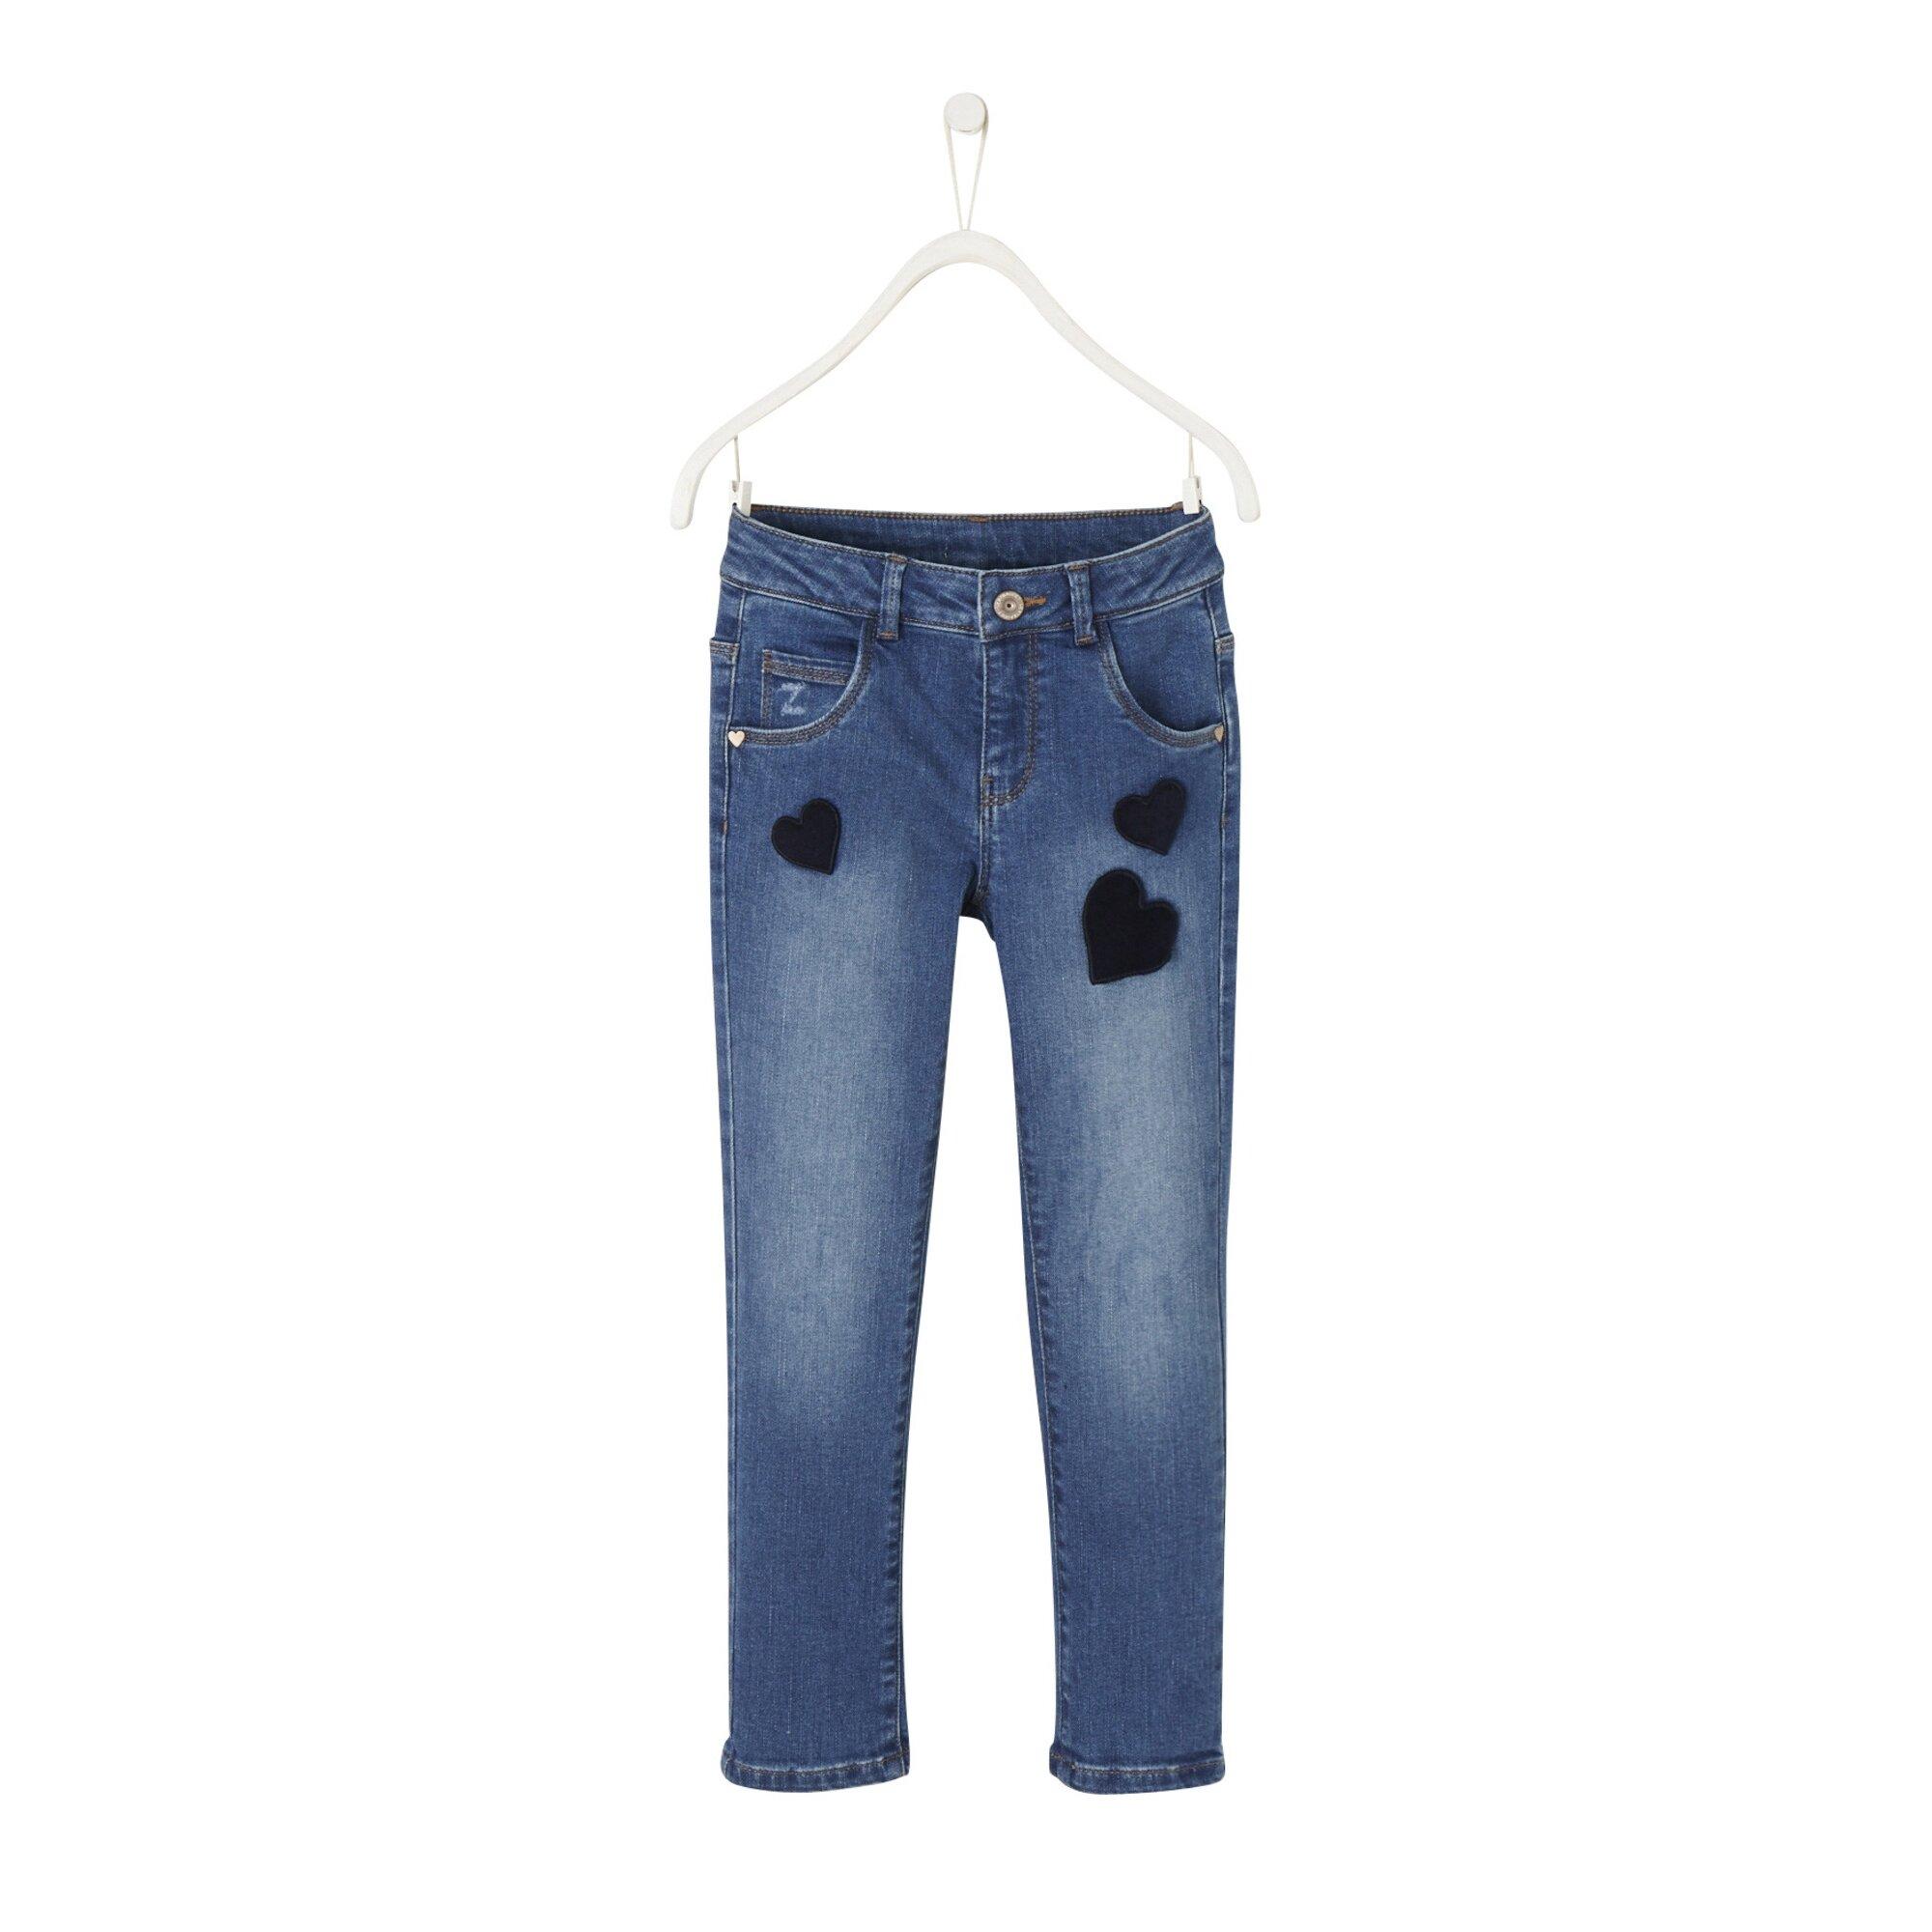 vertbaudet-gerade-madchen-jeans-huftweite-regular